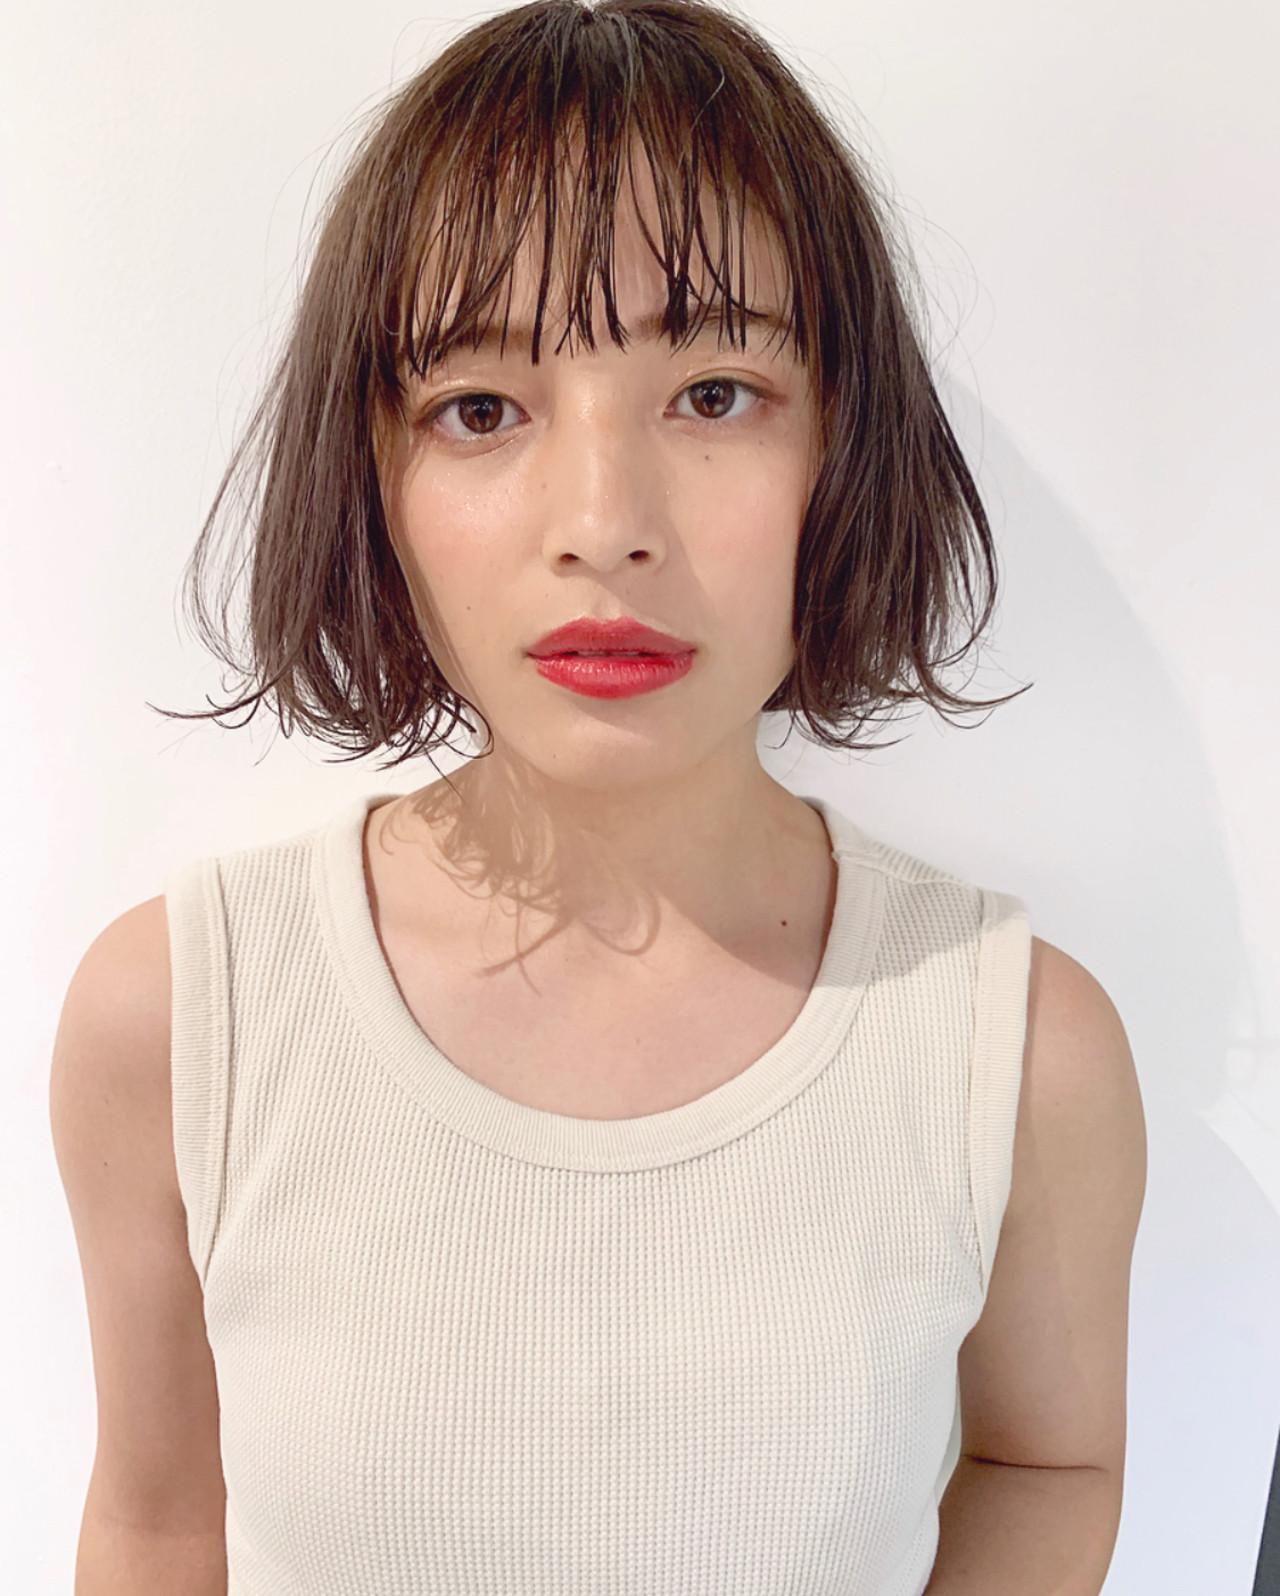 アンニュイほつれヘア 透明感カラー 簡単ヘアアレンジ ボブ ヘアスタイルや髪型の写真・画像